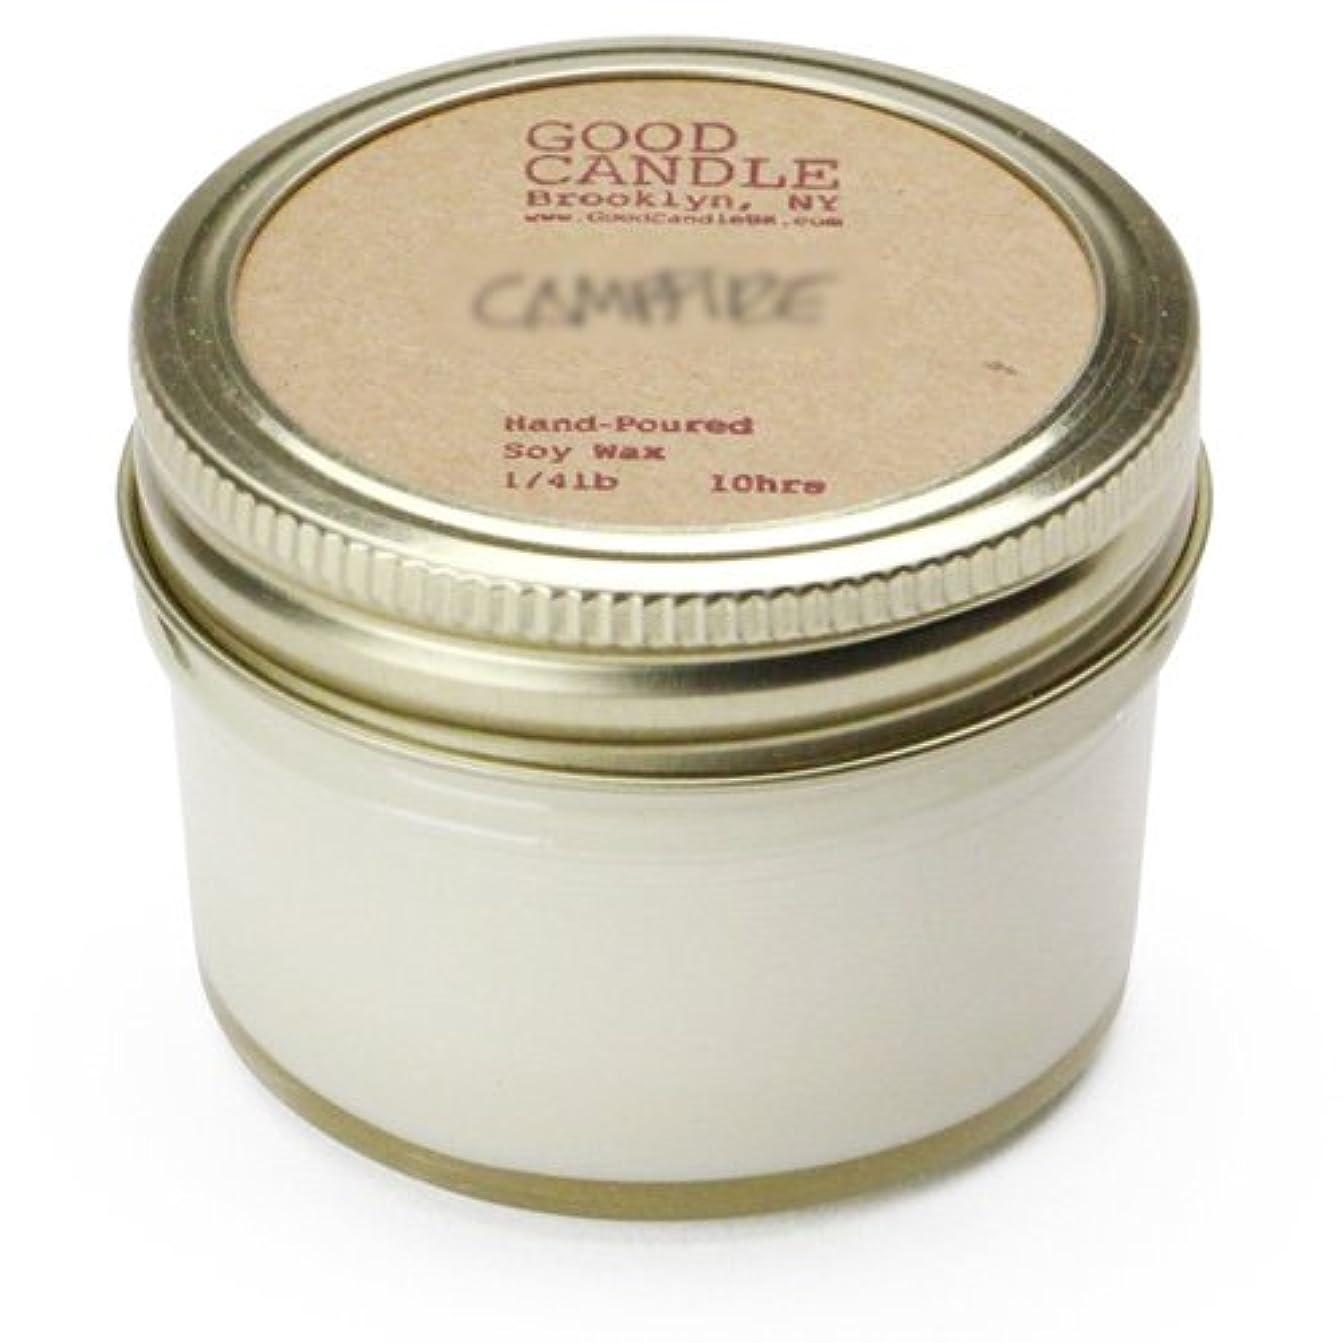 等々鉄検索エンジンマーケティンググッドキャンドル 1/4ポンド ゼリージャー キャンドル Good Candle 1/4LB Jelly jar candle [ Camp fire ] 正規品